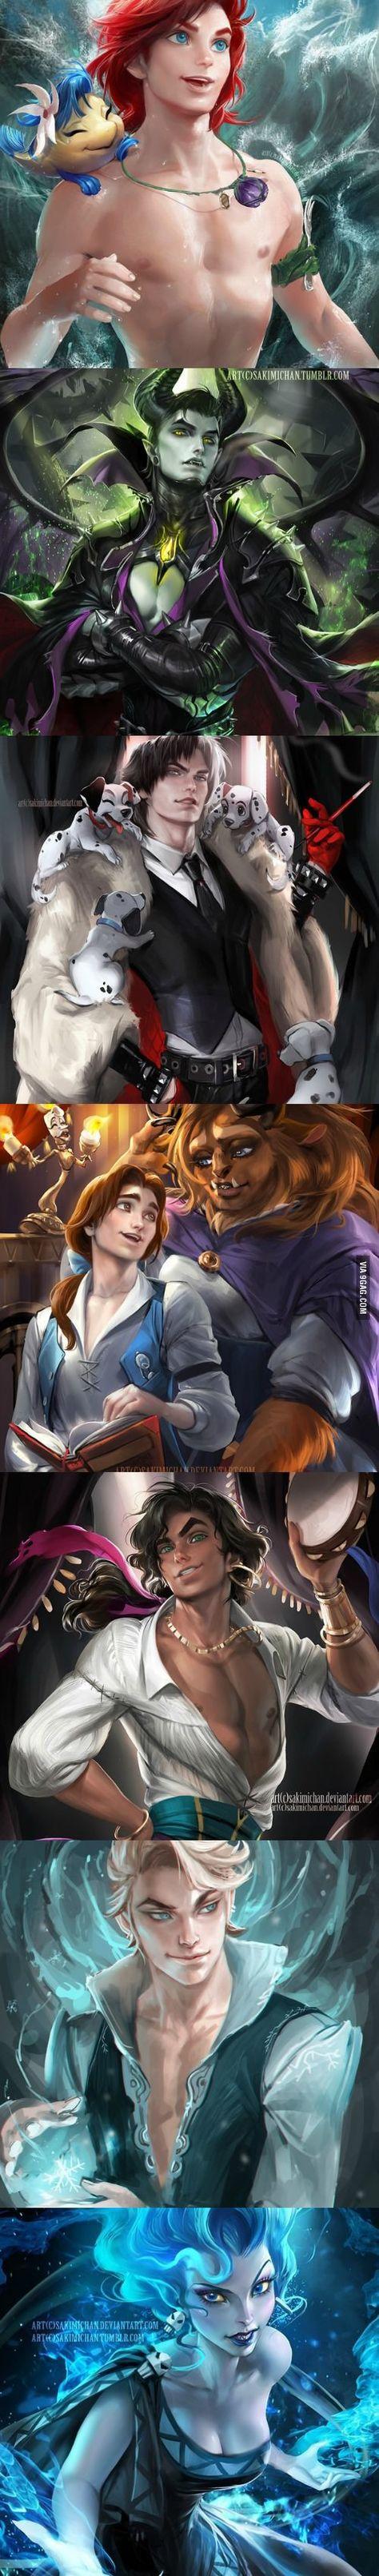 Opposite genders of Disney characters